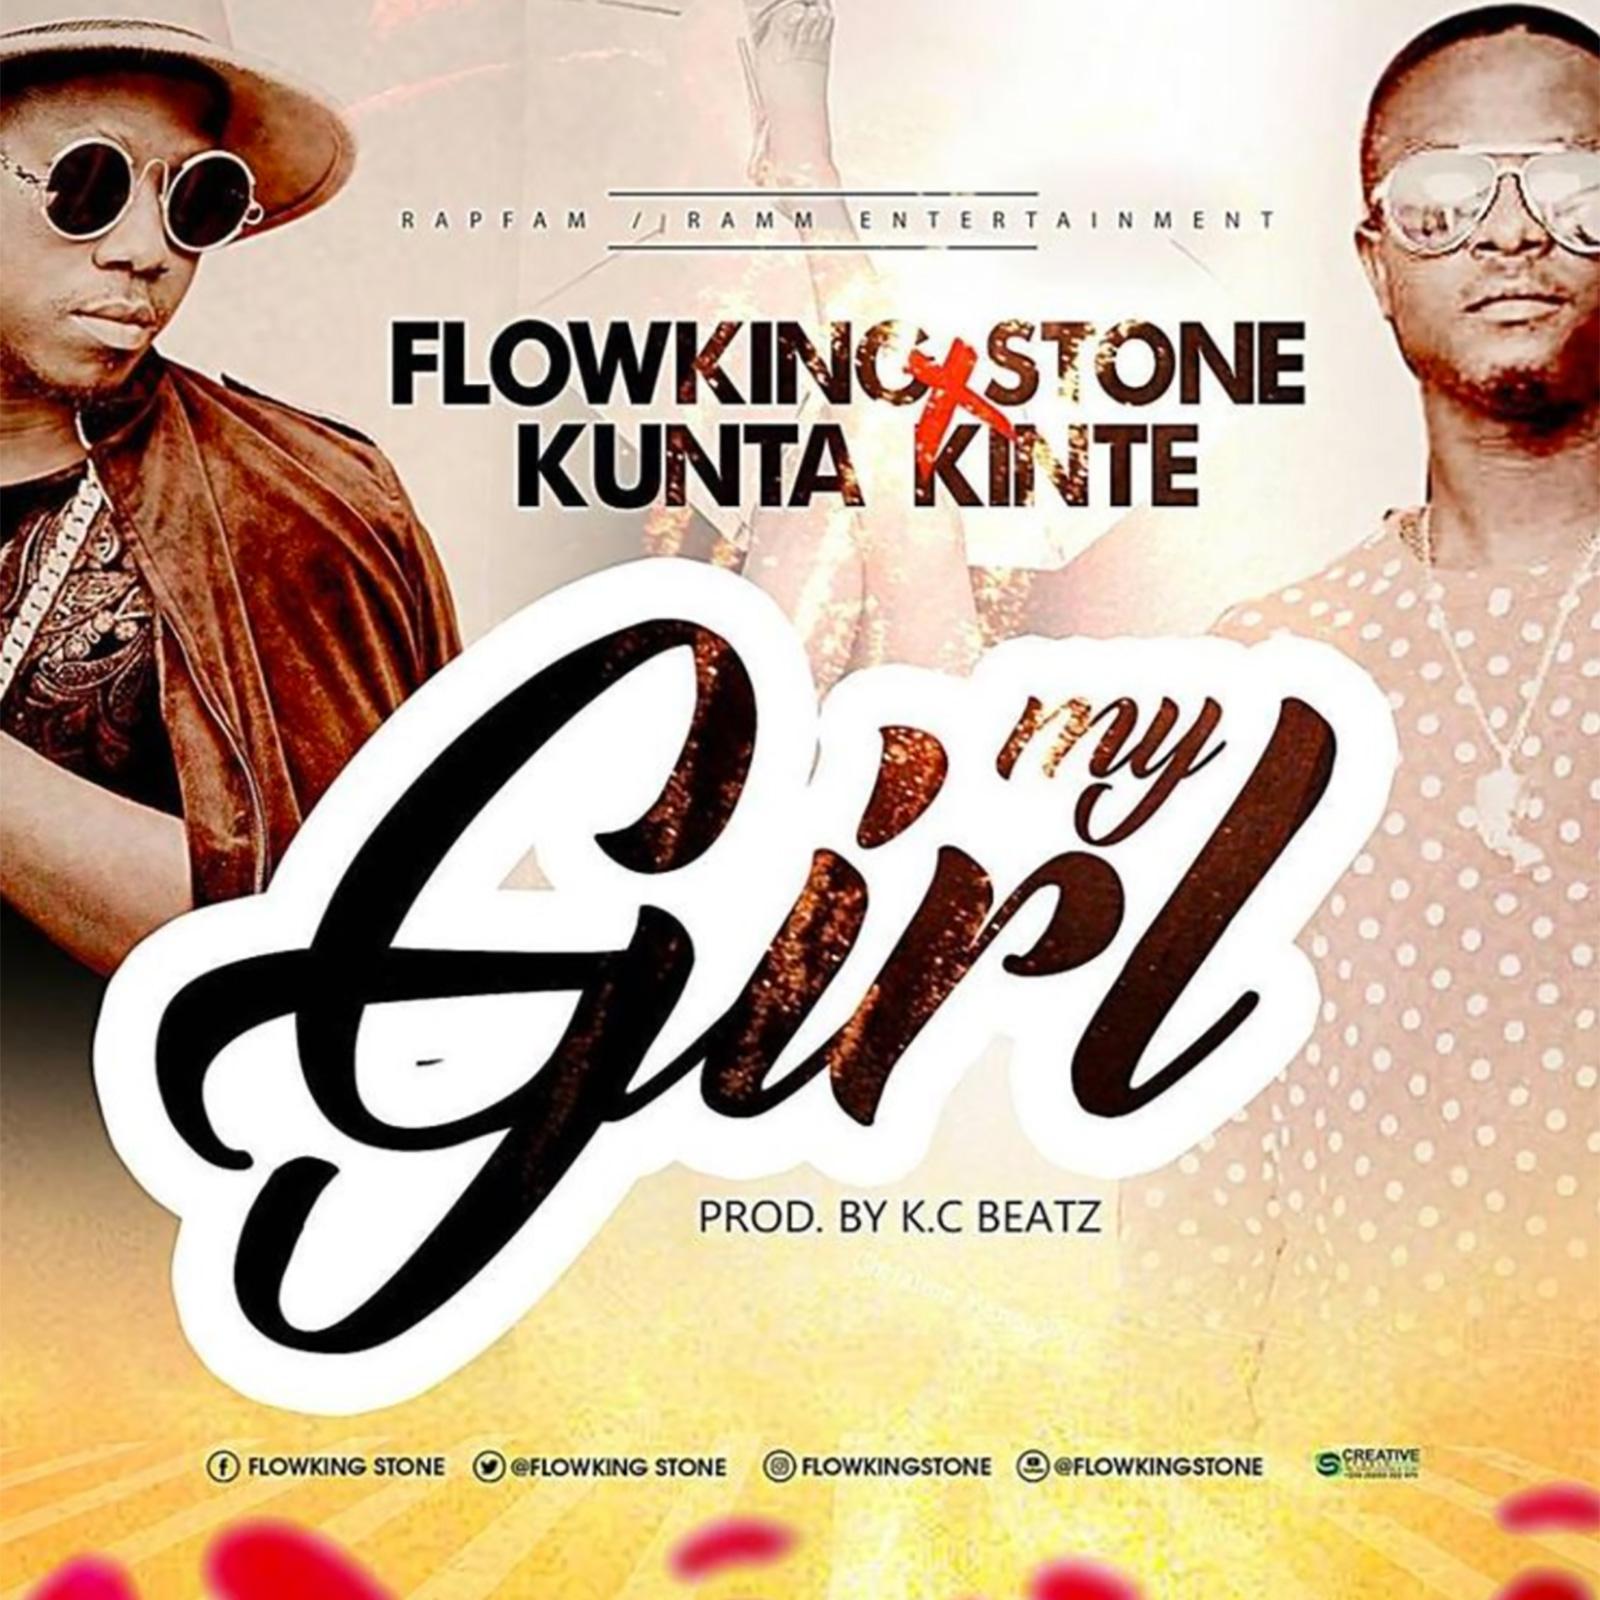 My Girl by Flowking Stone feat. Kunte Kinte